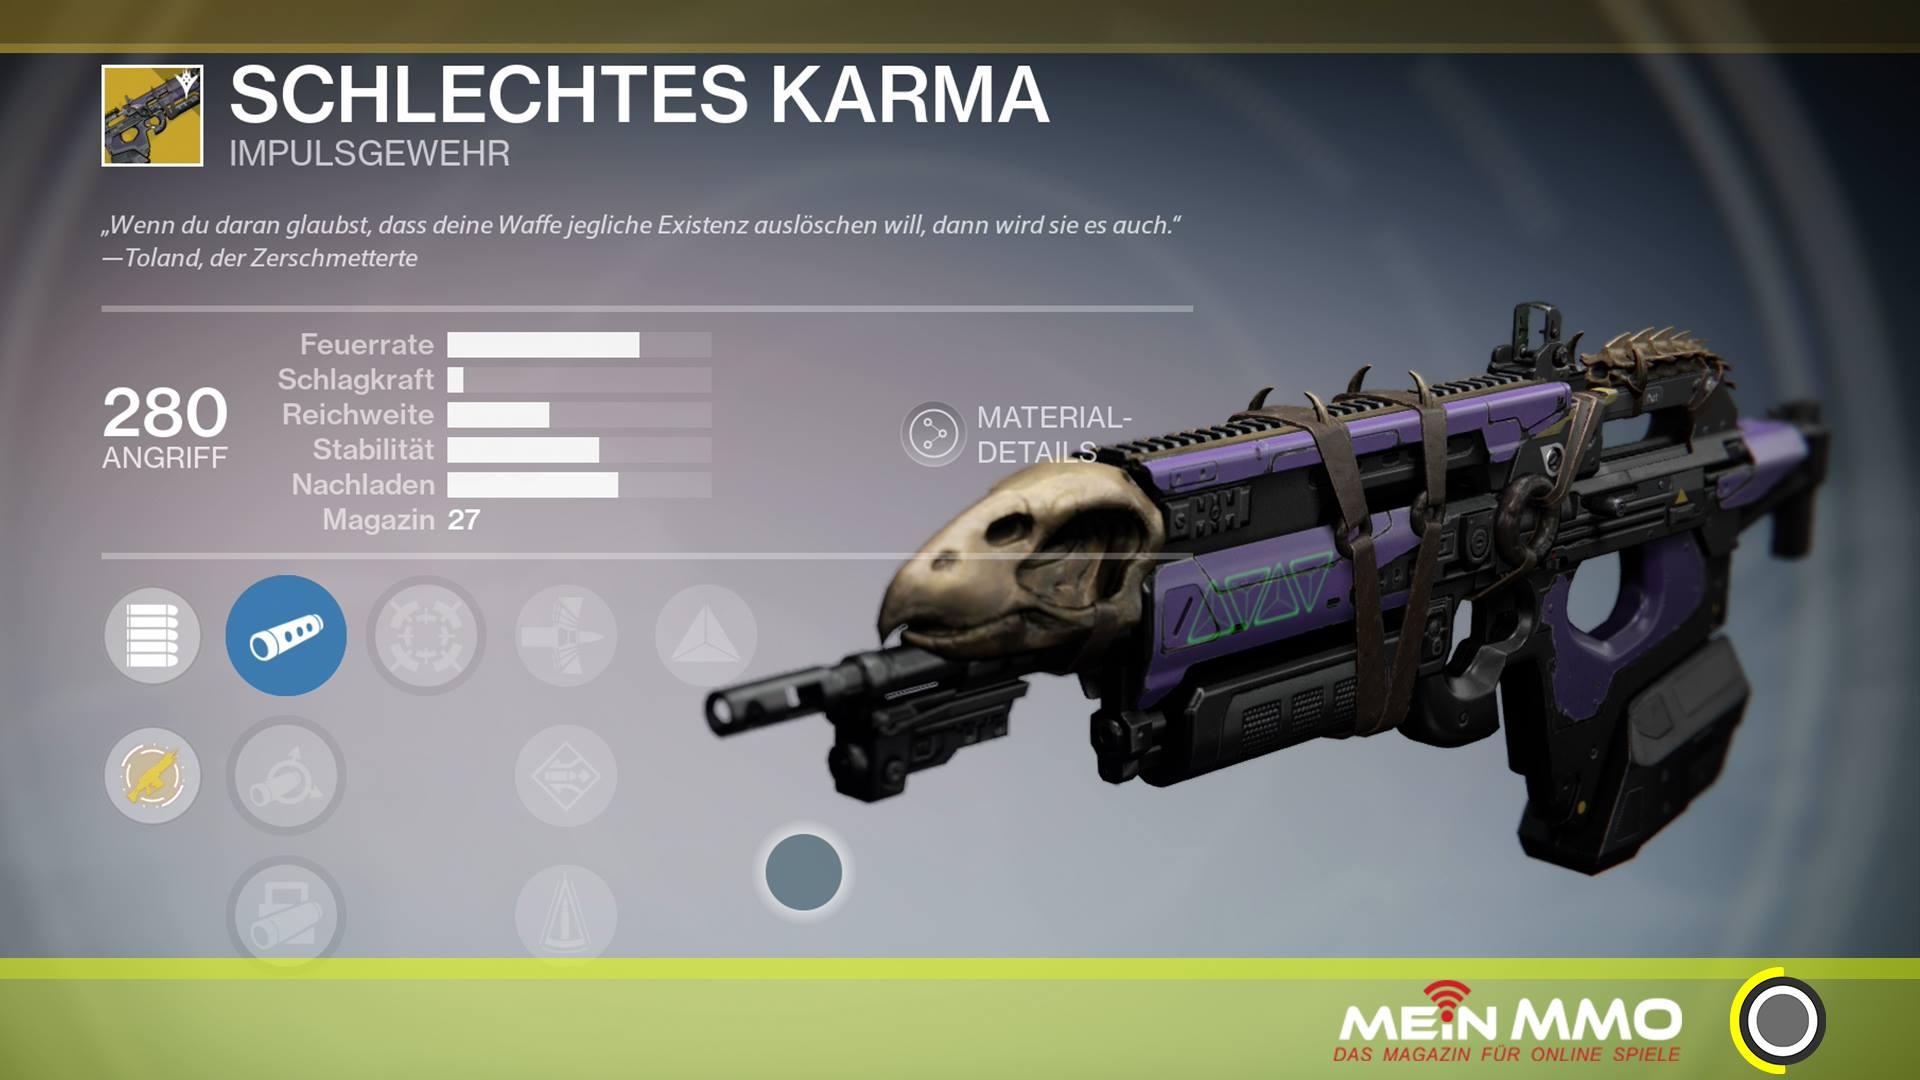 Destiny Schlechtes Karma Impulsgewehr